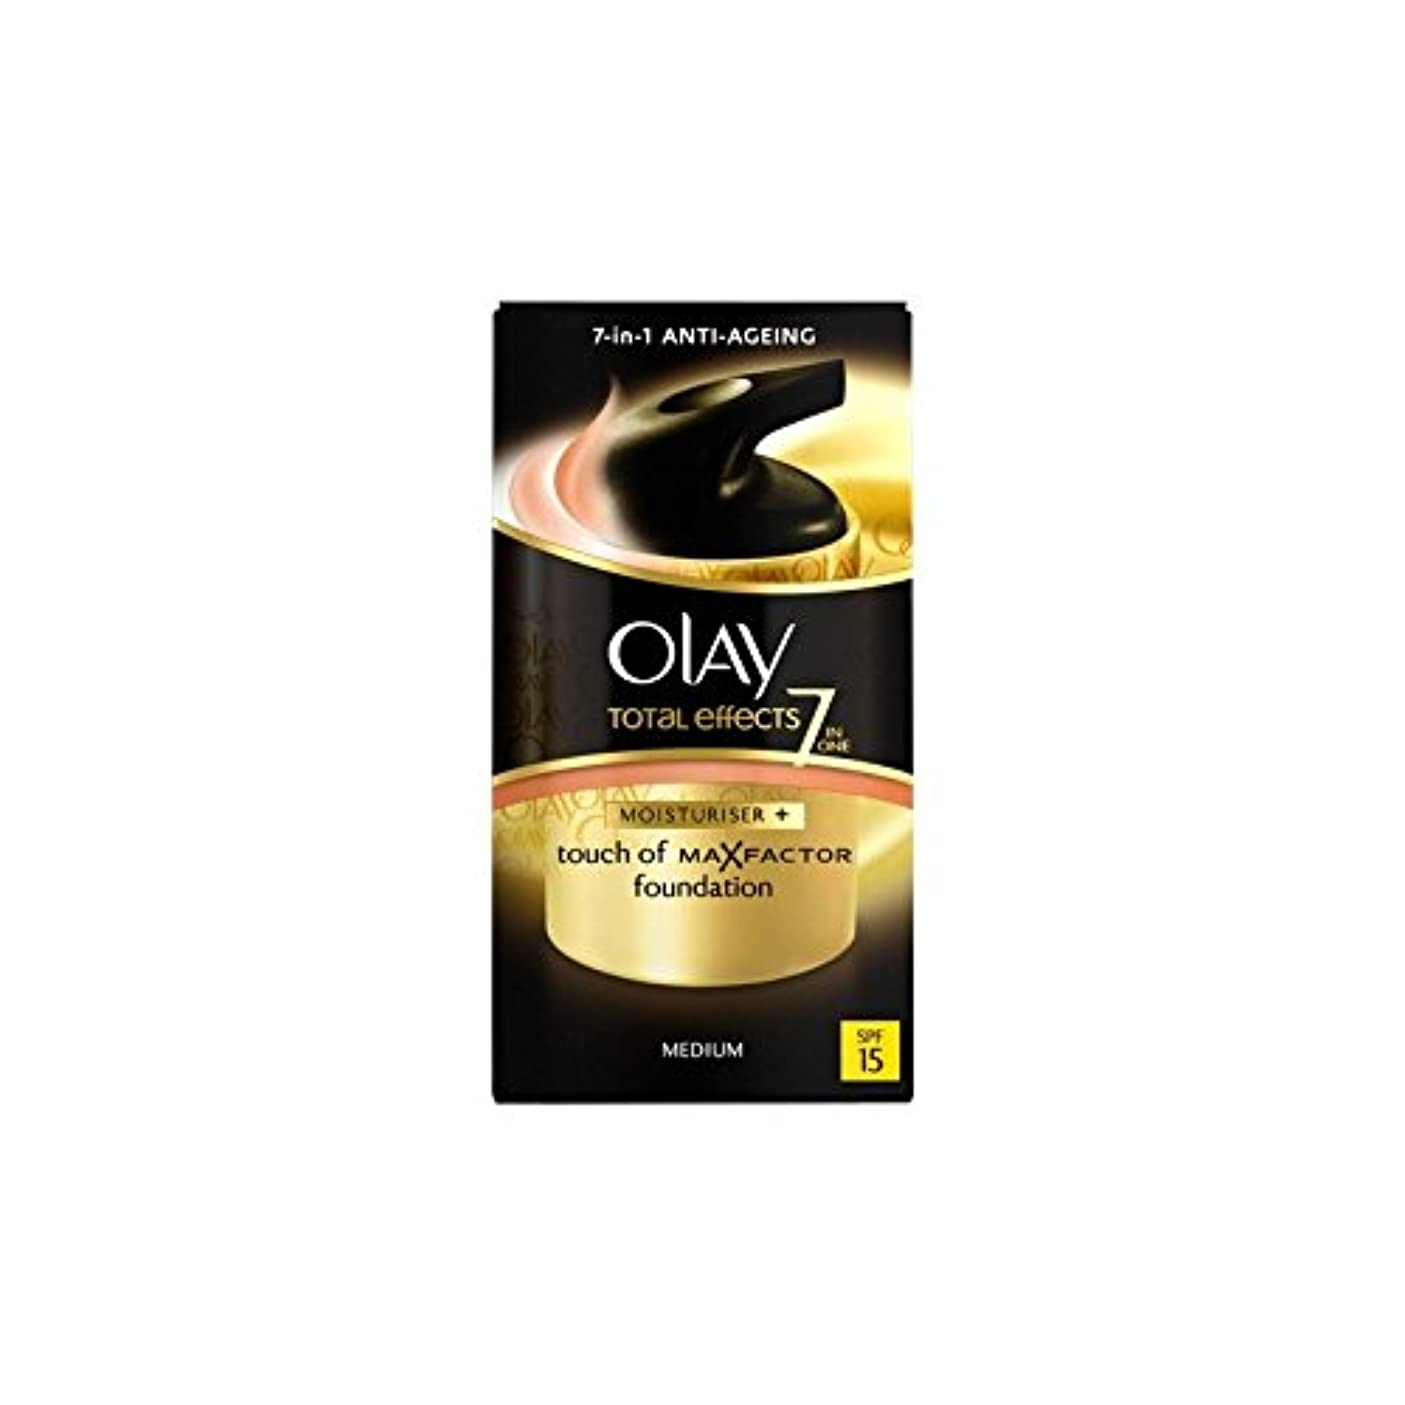 お客様行商人有限オーレイトータルエフェクト保湿クリーム15 - 培地(50ミリリットル) x2 - Olay Total Effects Moisturiser Bb Cream Spf15 - Medium (50ml) (Pack...